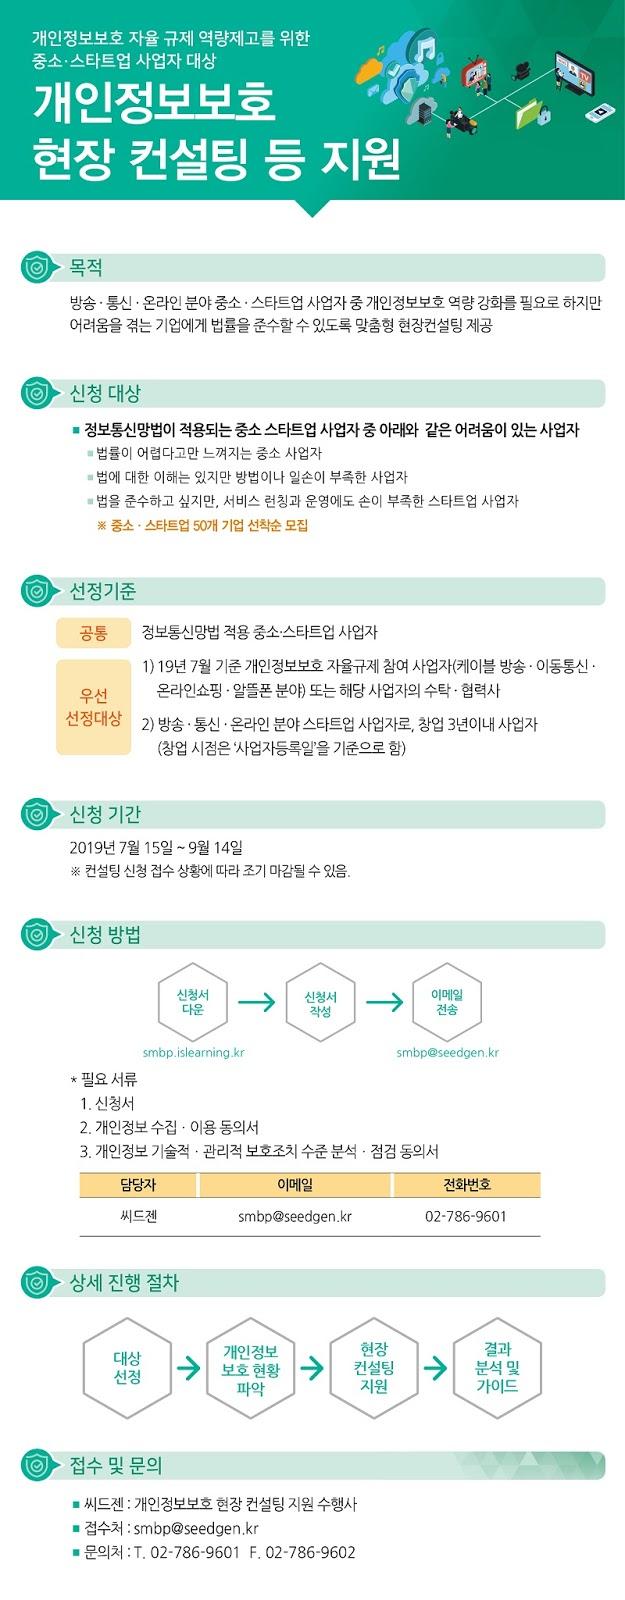 중소·스타트업 사업자, '개인정보보호 현장 컨설팅 지원 사업' 추진